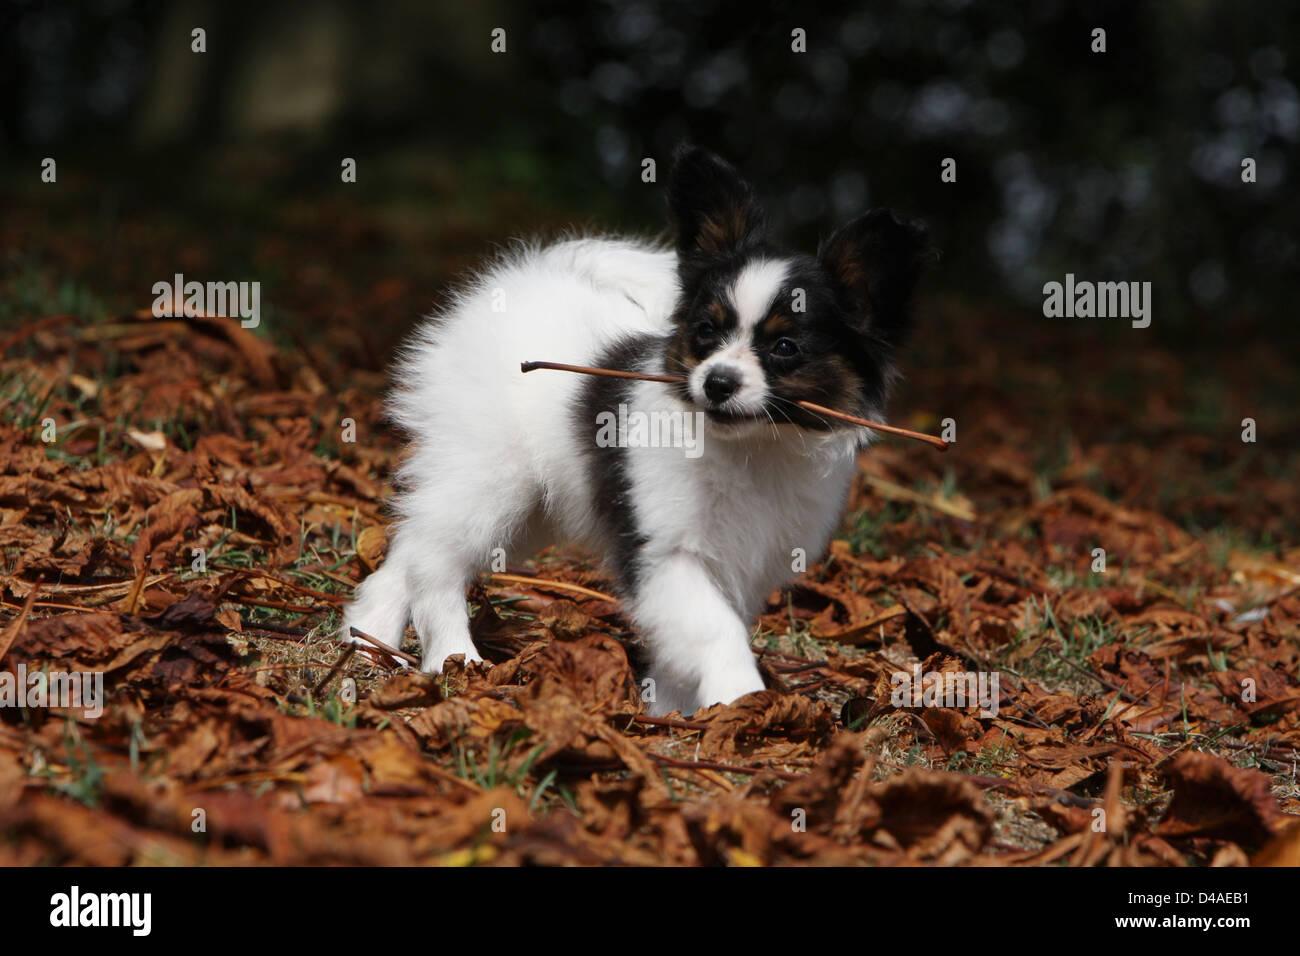 Papillon Hund / Continental Toy Spaniel Schmetterling Hund Welpen zu Fuss mit einem Stock im Maul Stockfoto